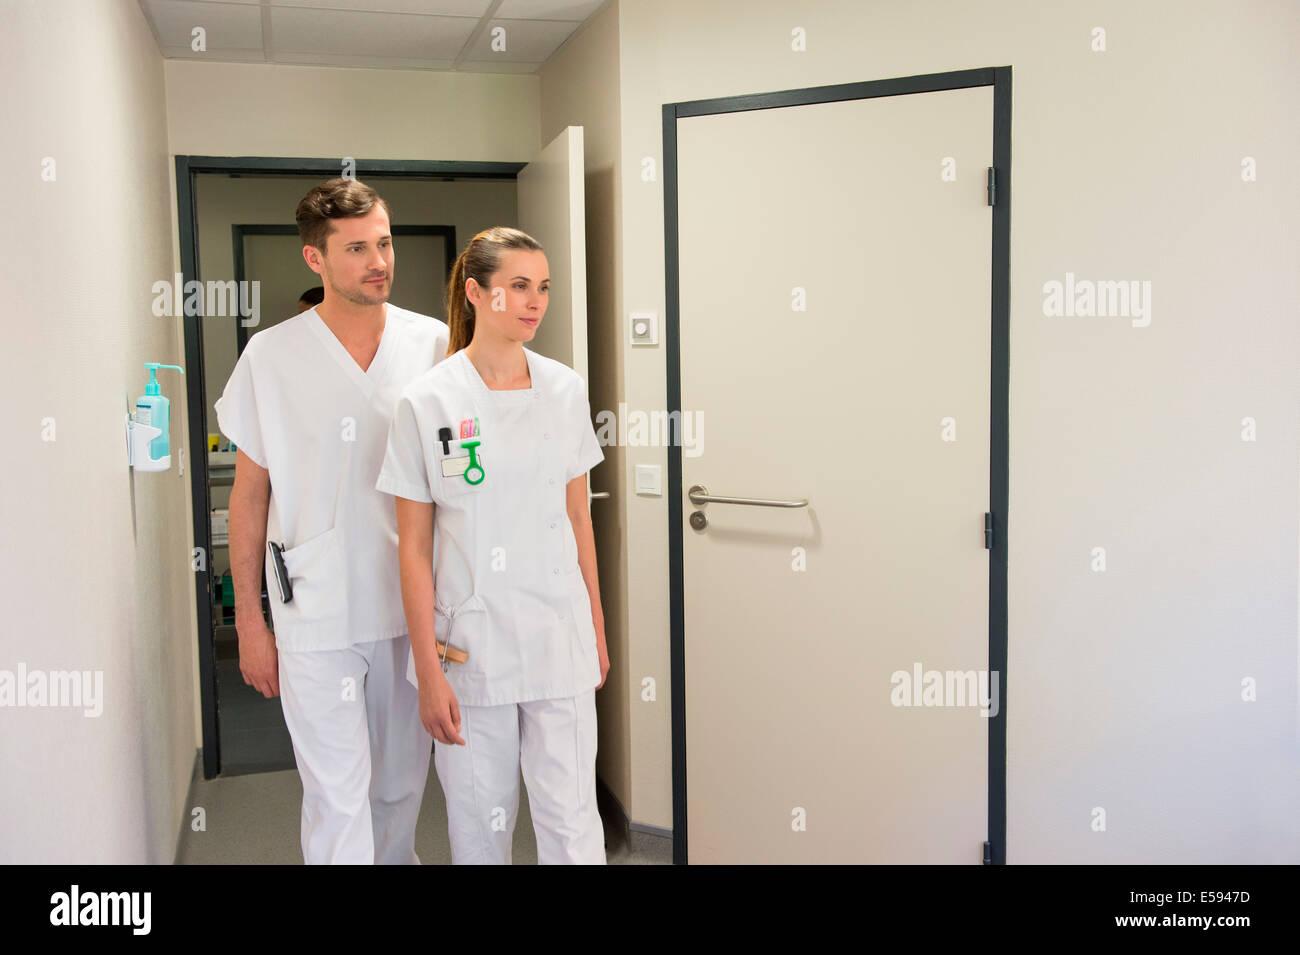 Médecin et infirmière dans un couloir de l'hôpital Photo Stock